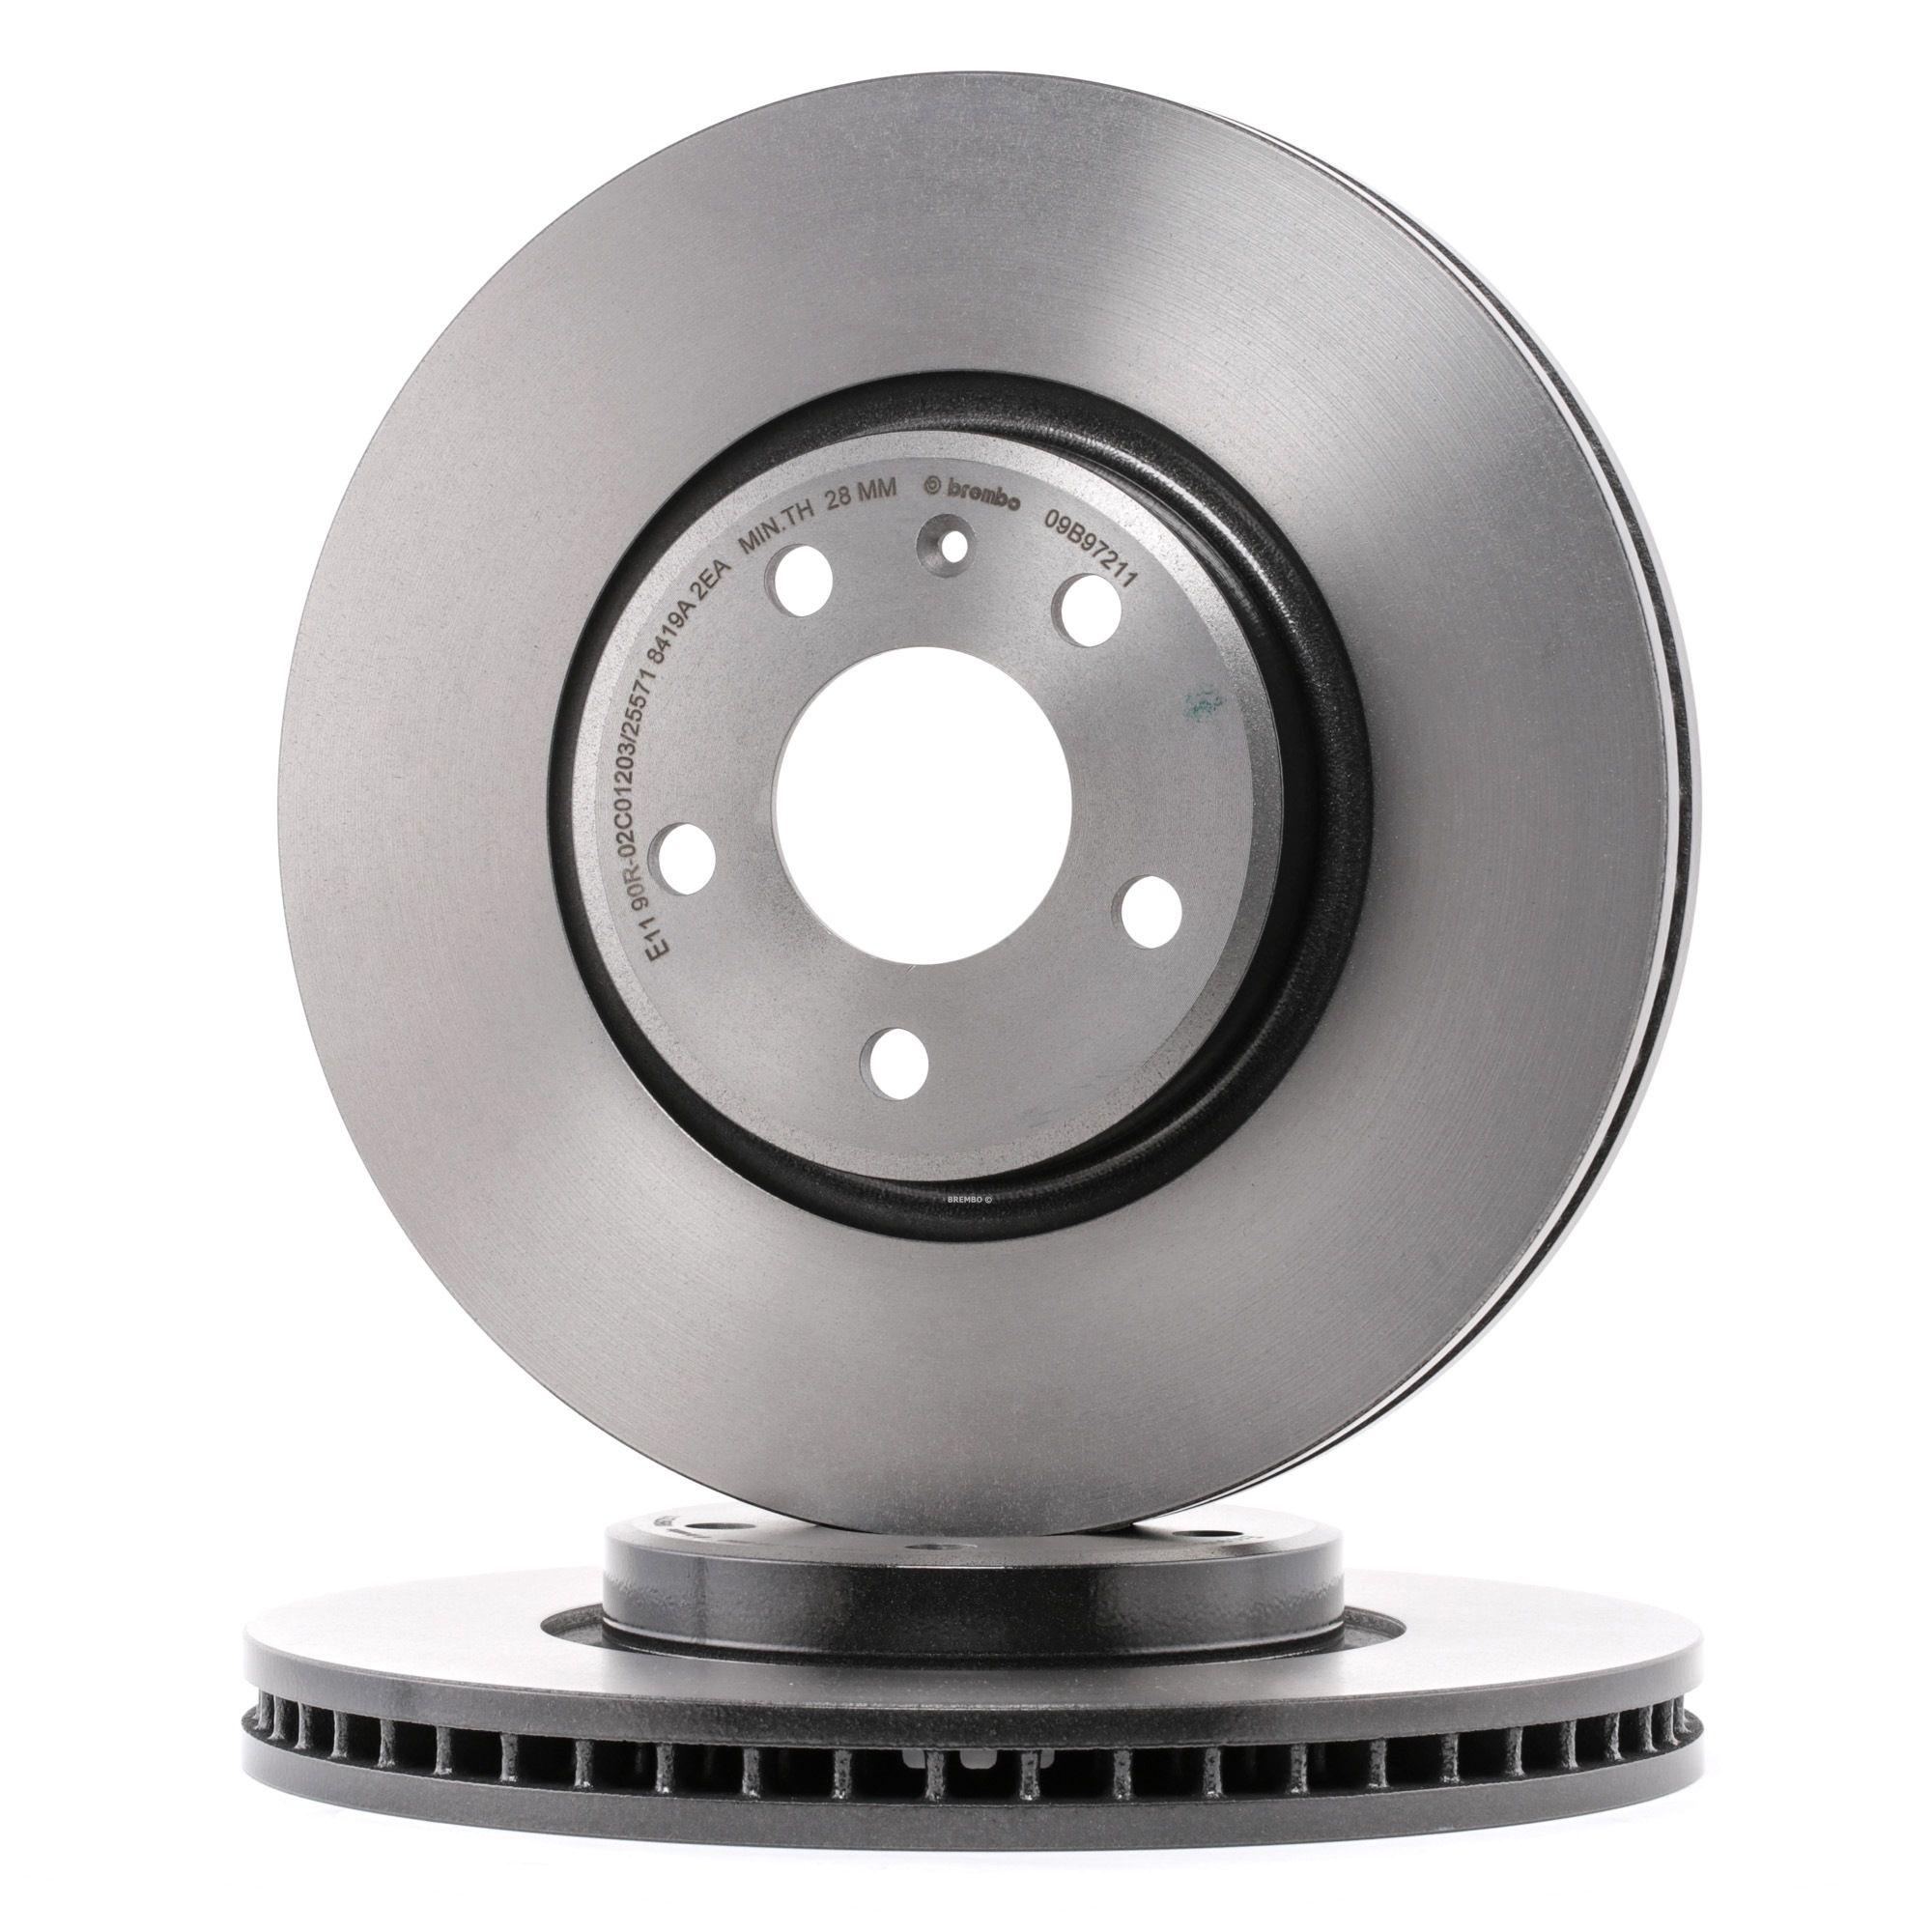 Achetez Disques de frein BREMBO 09.B972.11 (Ø: 320mm, Nbre de trous: 5, Épaisseur du disque de frein: 30mm) à un rapport qualité-prix exceptionnel